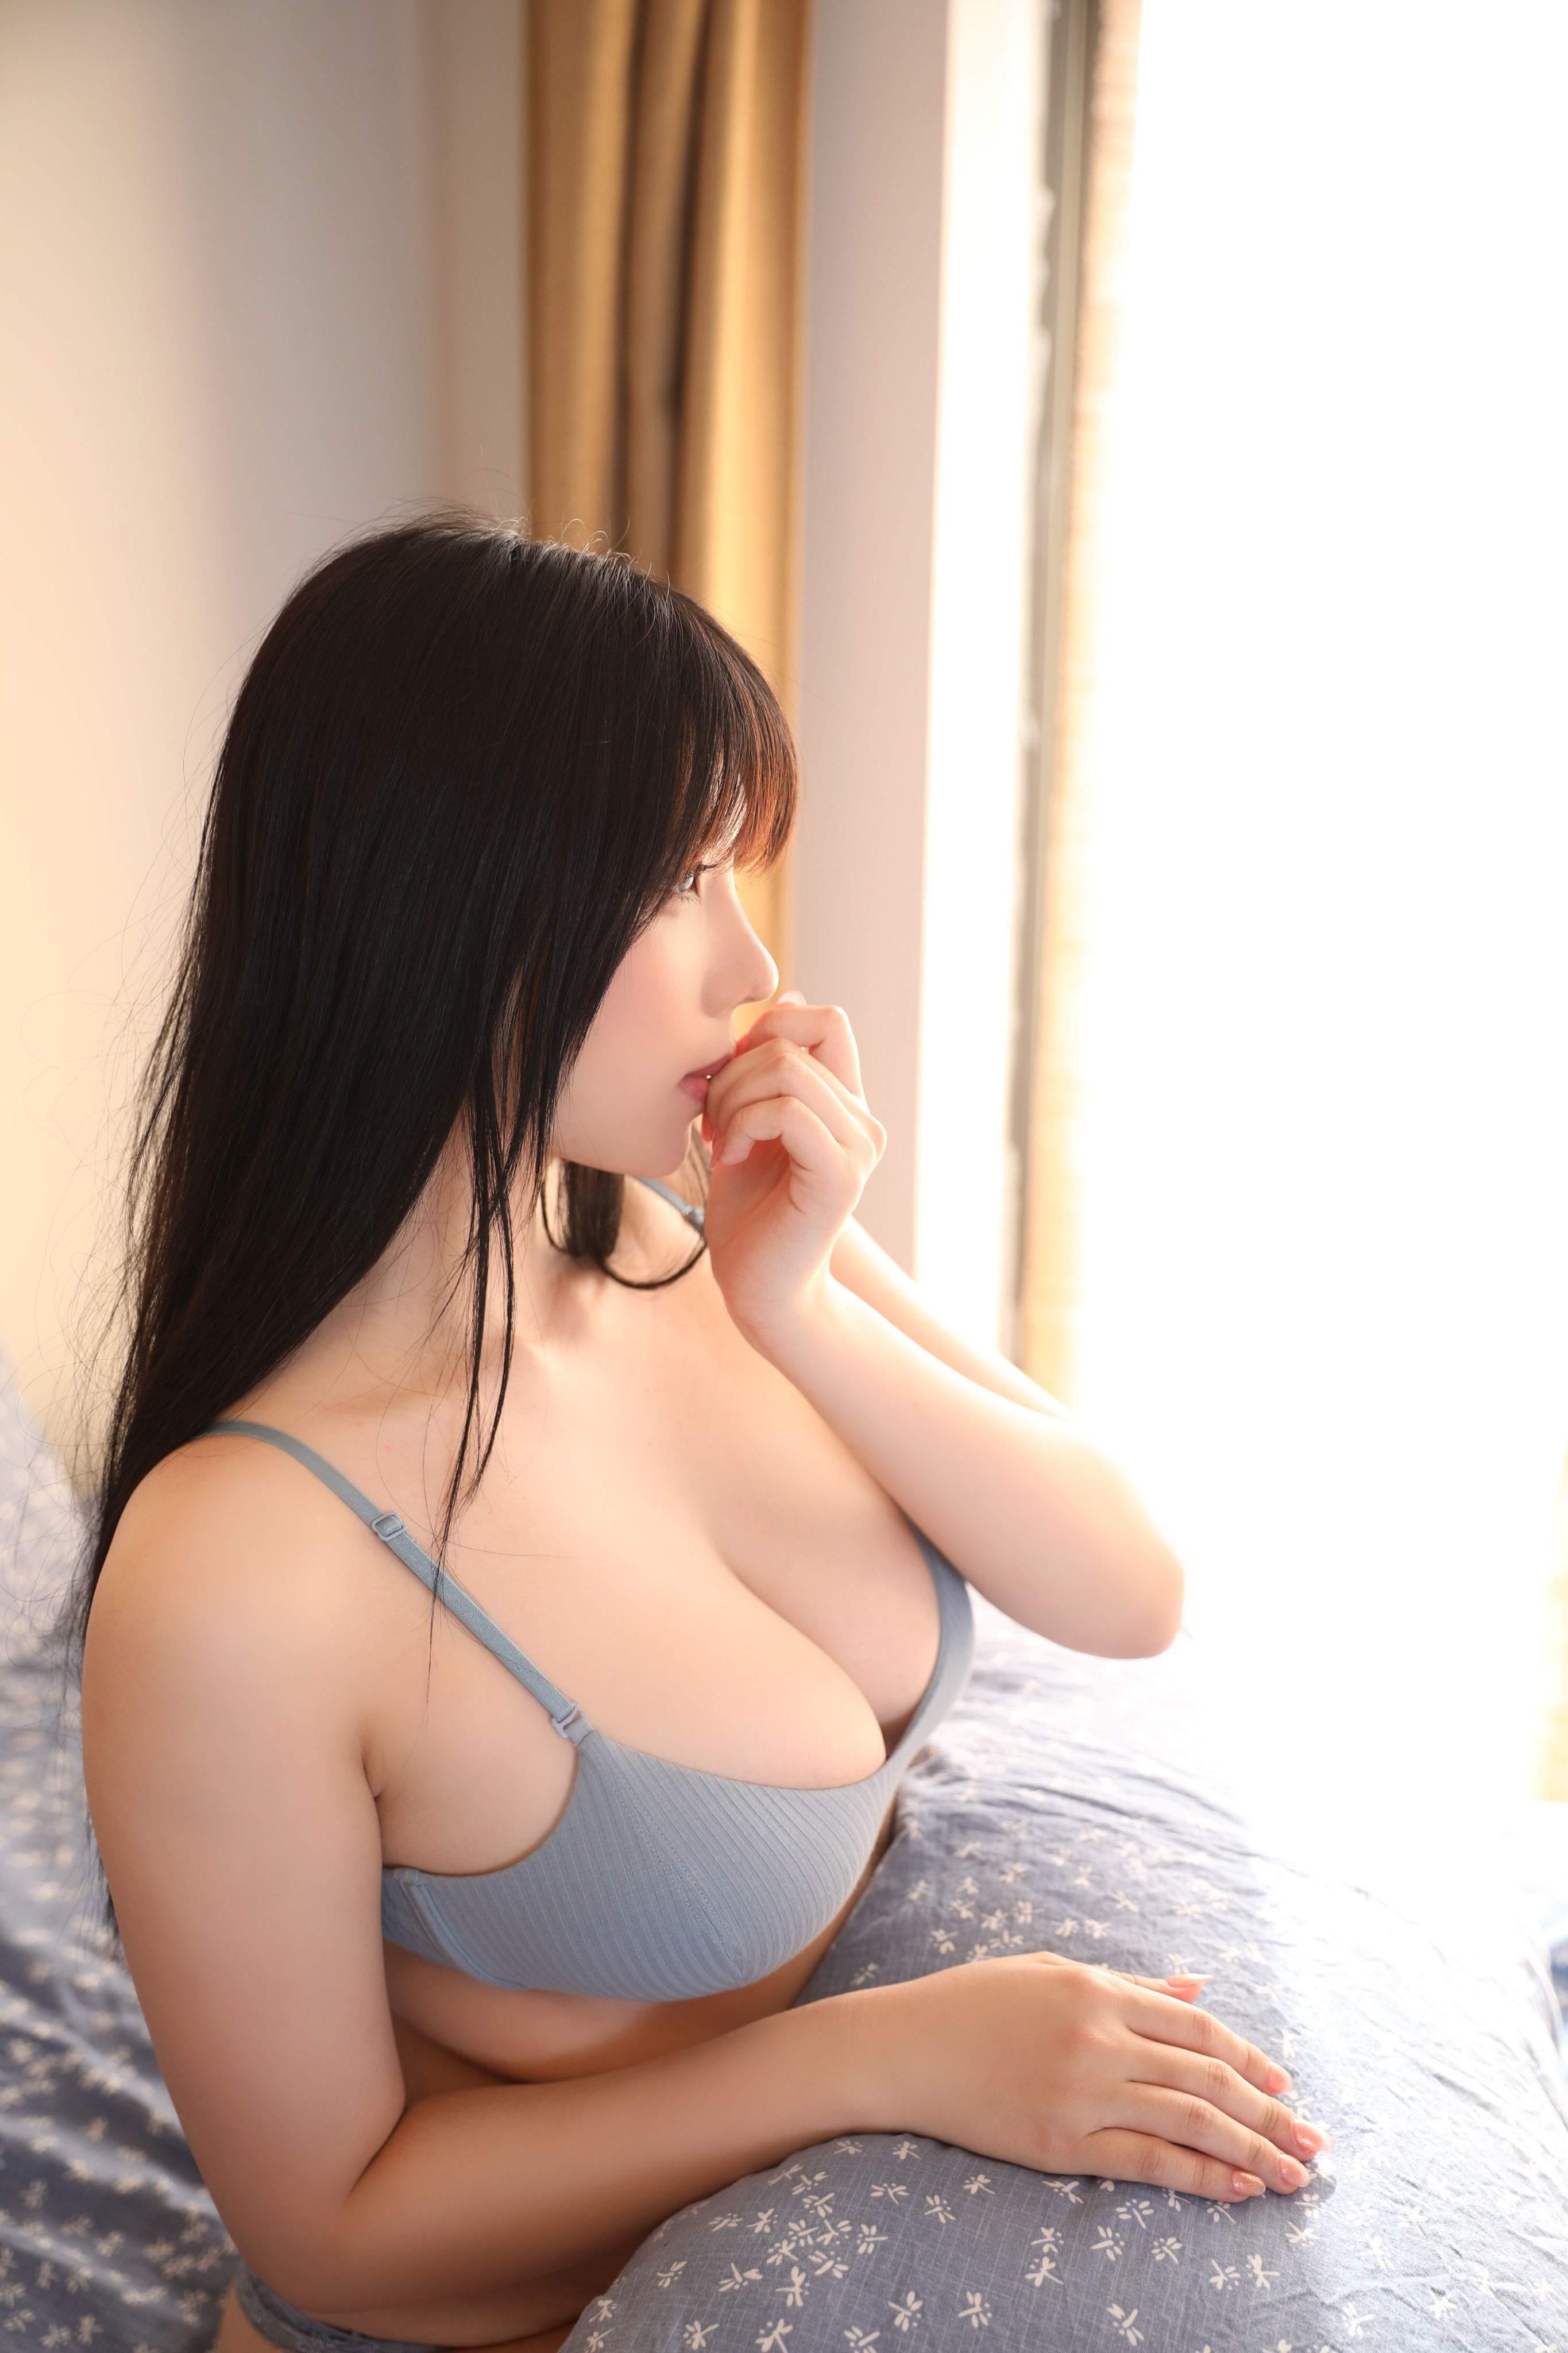 鹿野希  土曜日の彼女 95枚电子版 COS-第2张